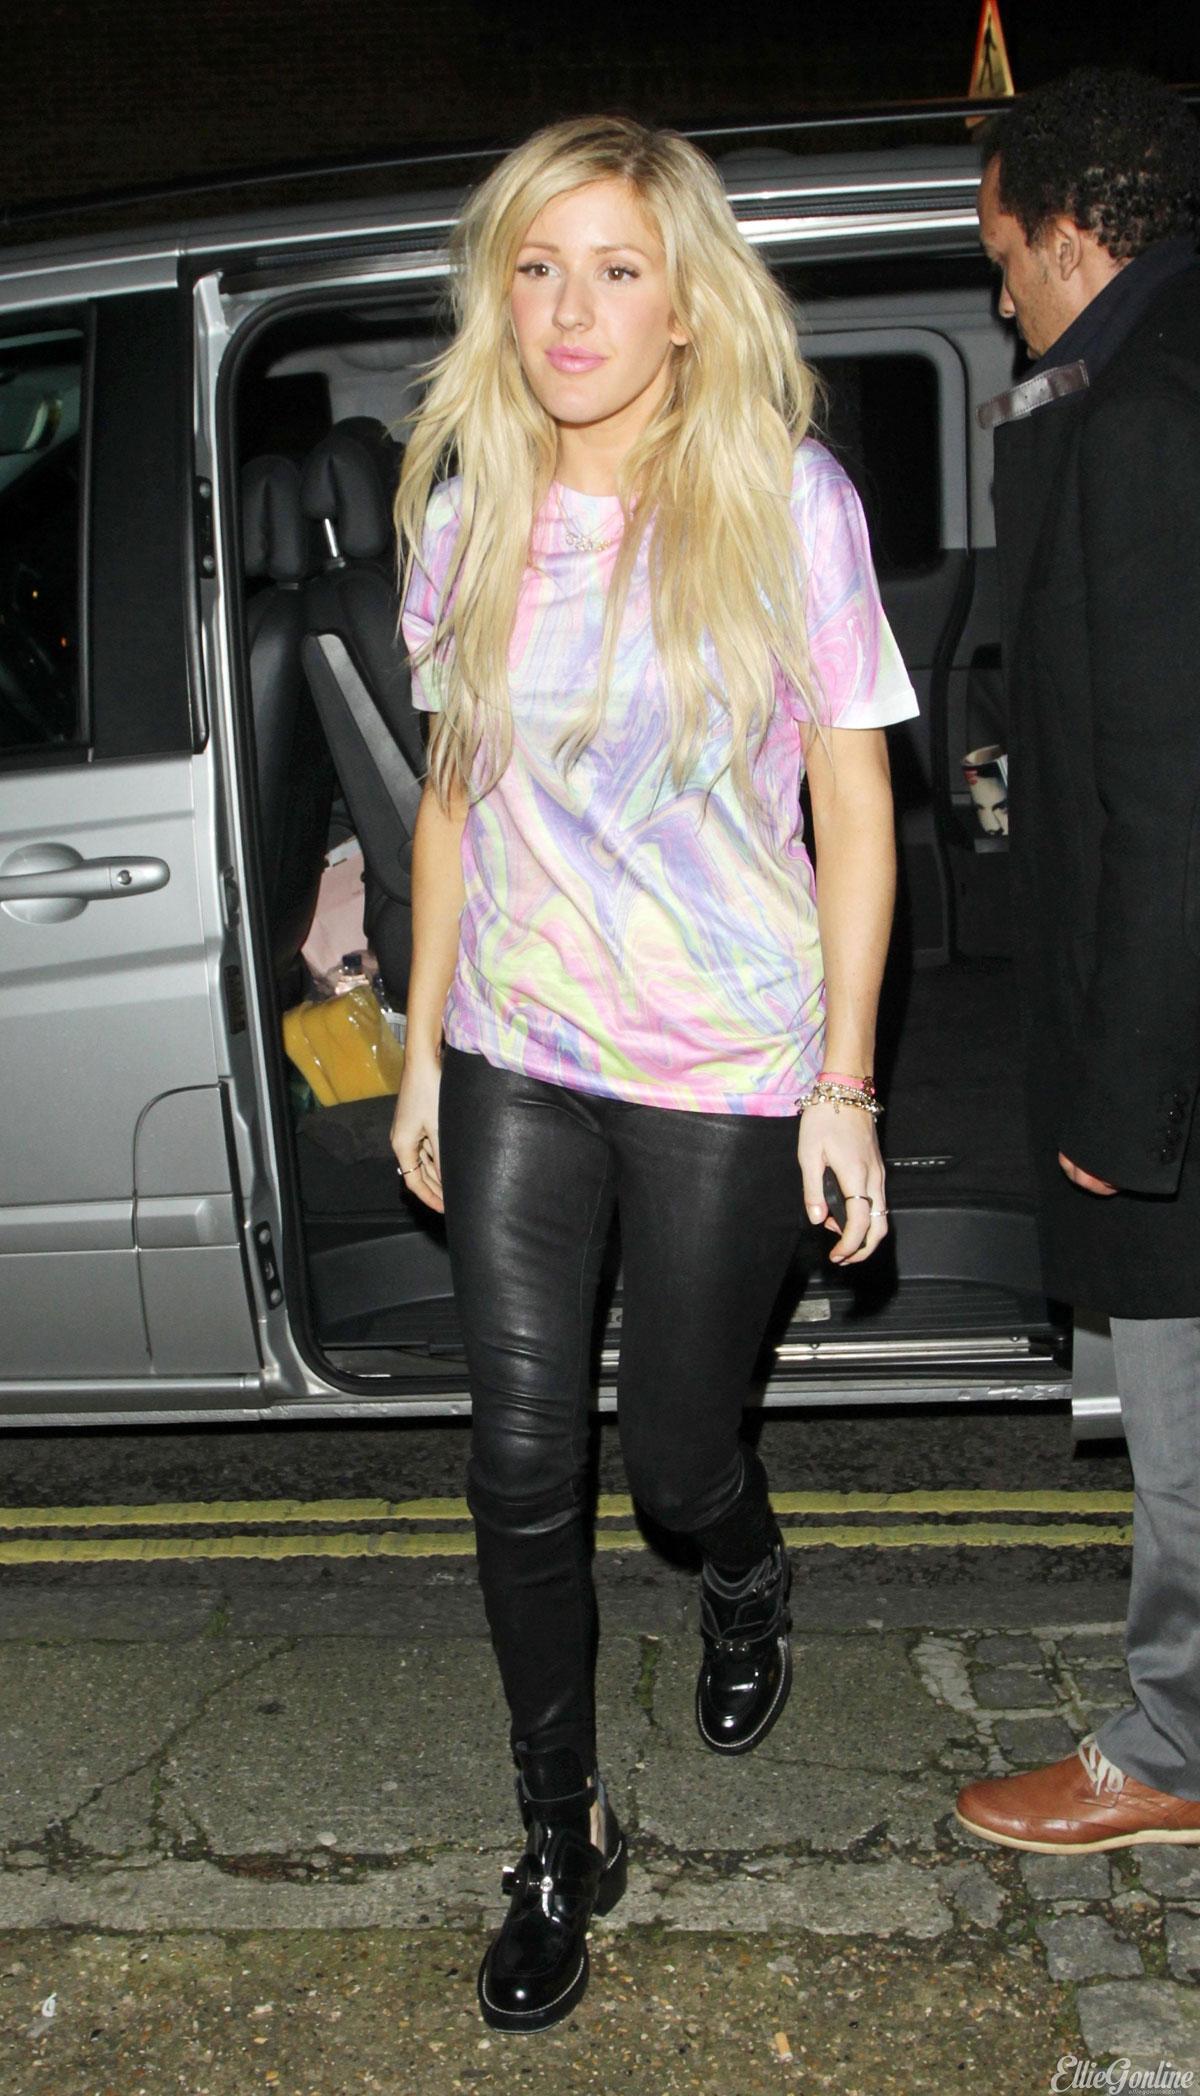 Ellie Goulding at BBC Radio 1 Studios